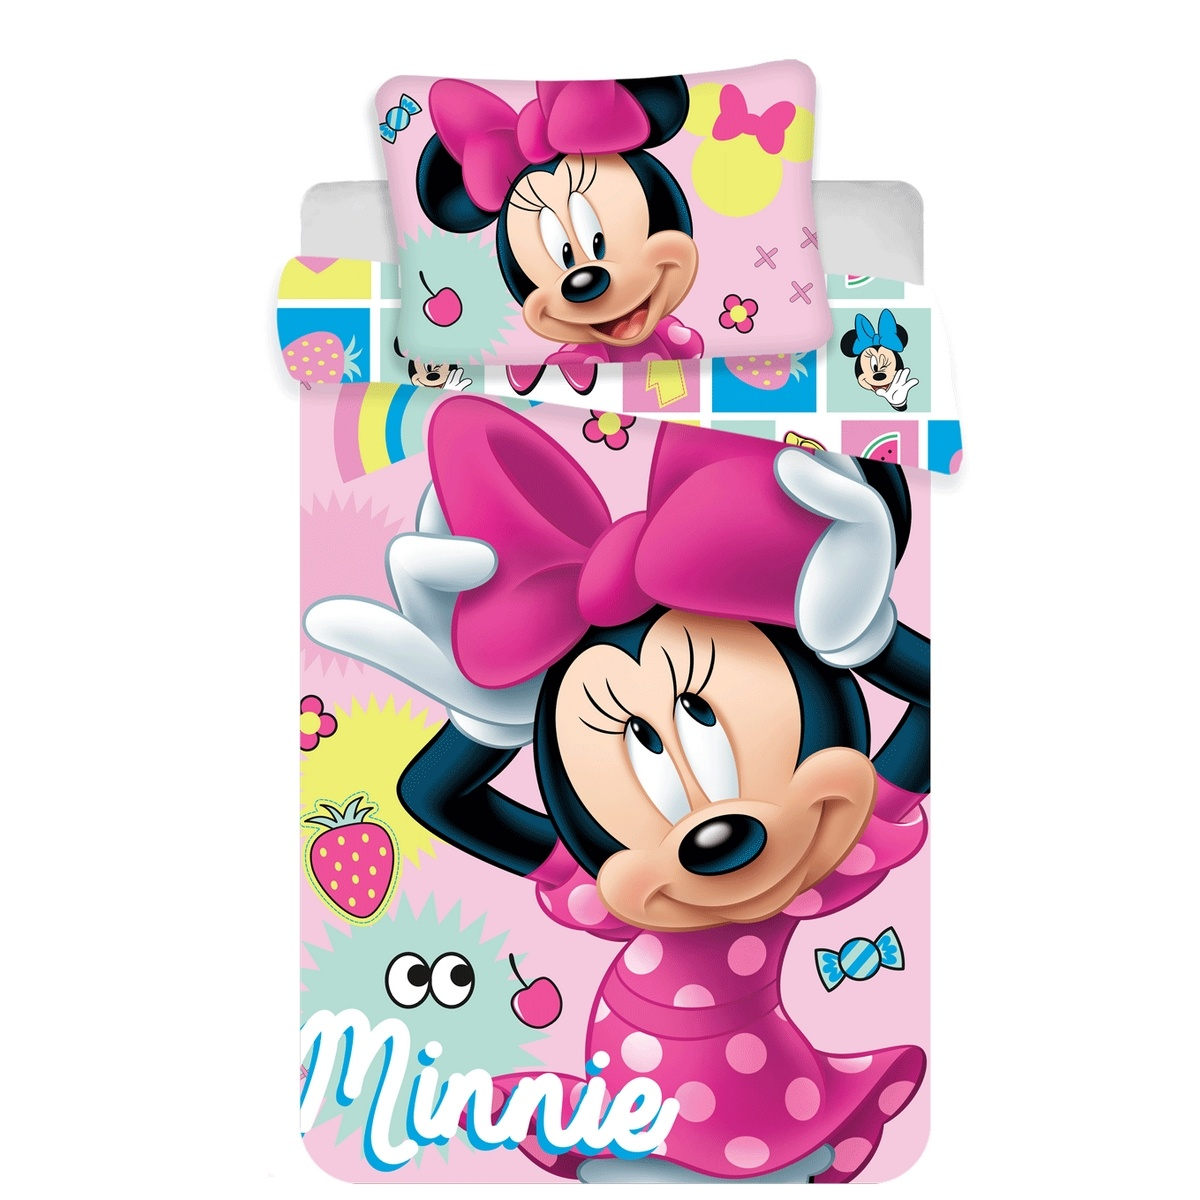 Jerry Fabrics Detské bavlnené obliečky do postieľky Minnie sweet 072, 100 x 135 cm, 40 x 60 cm